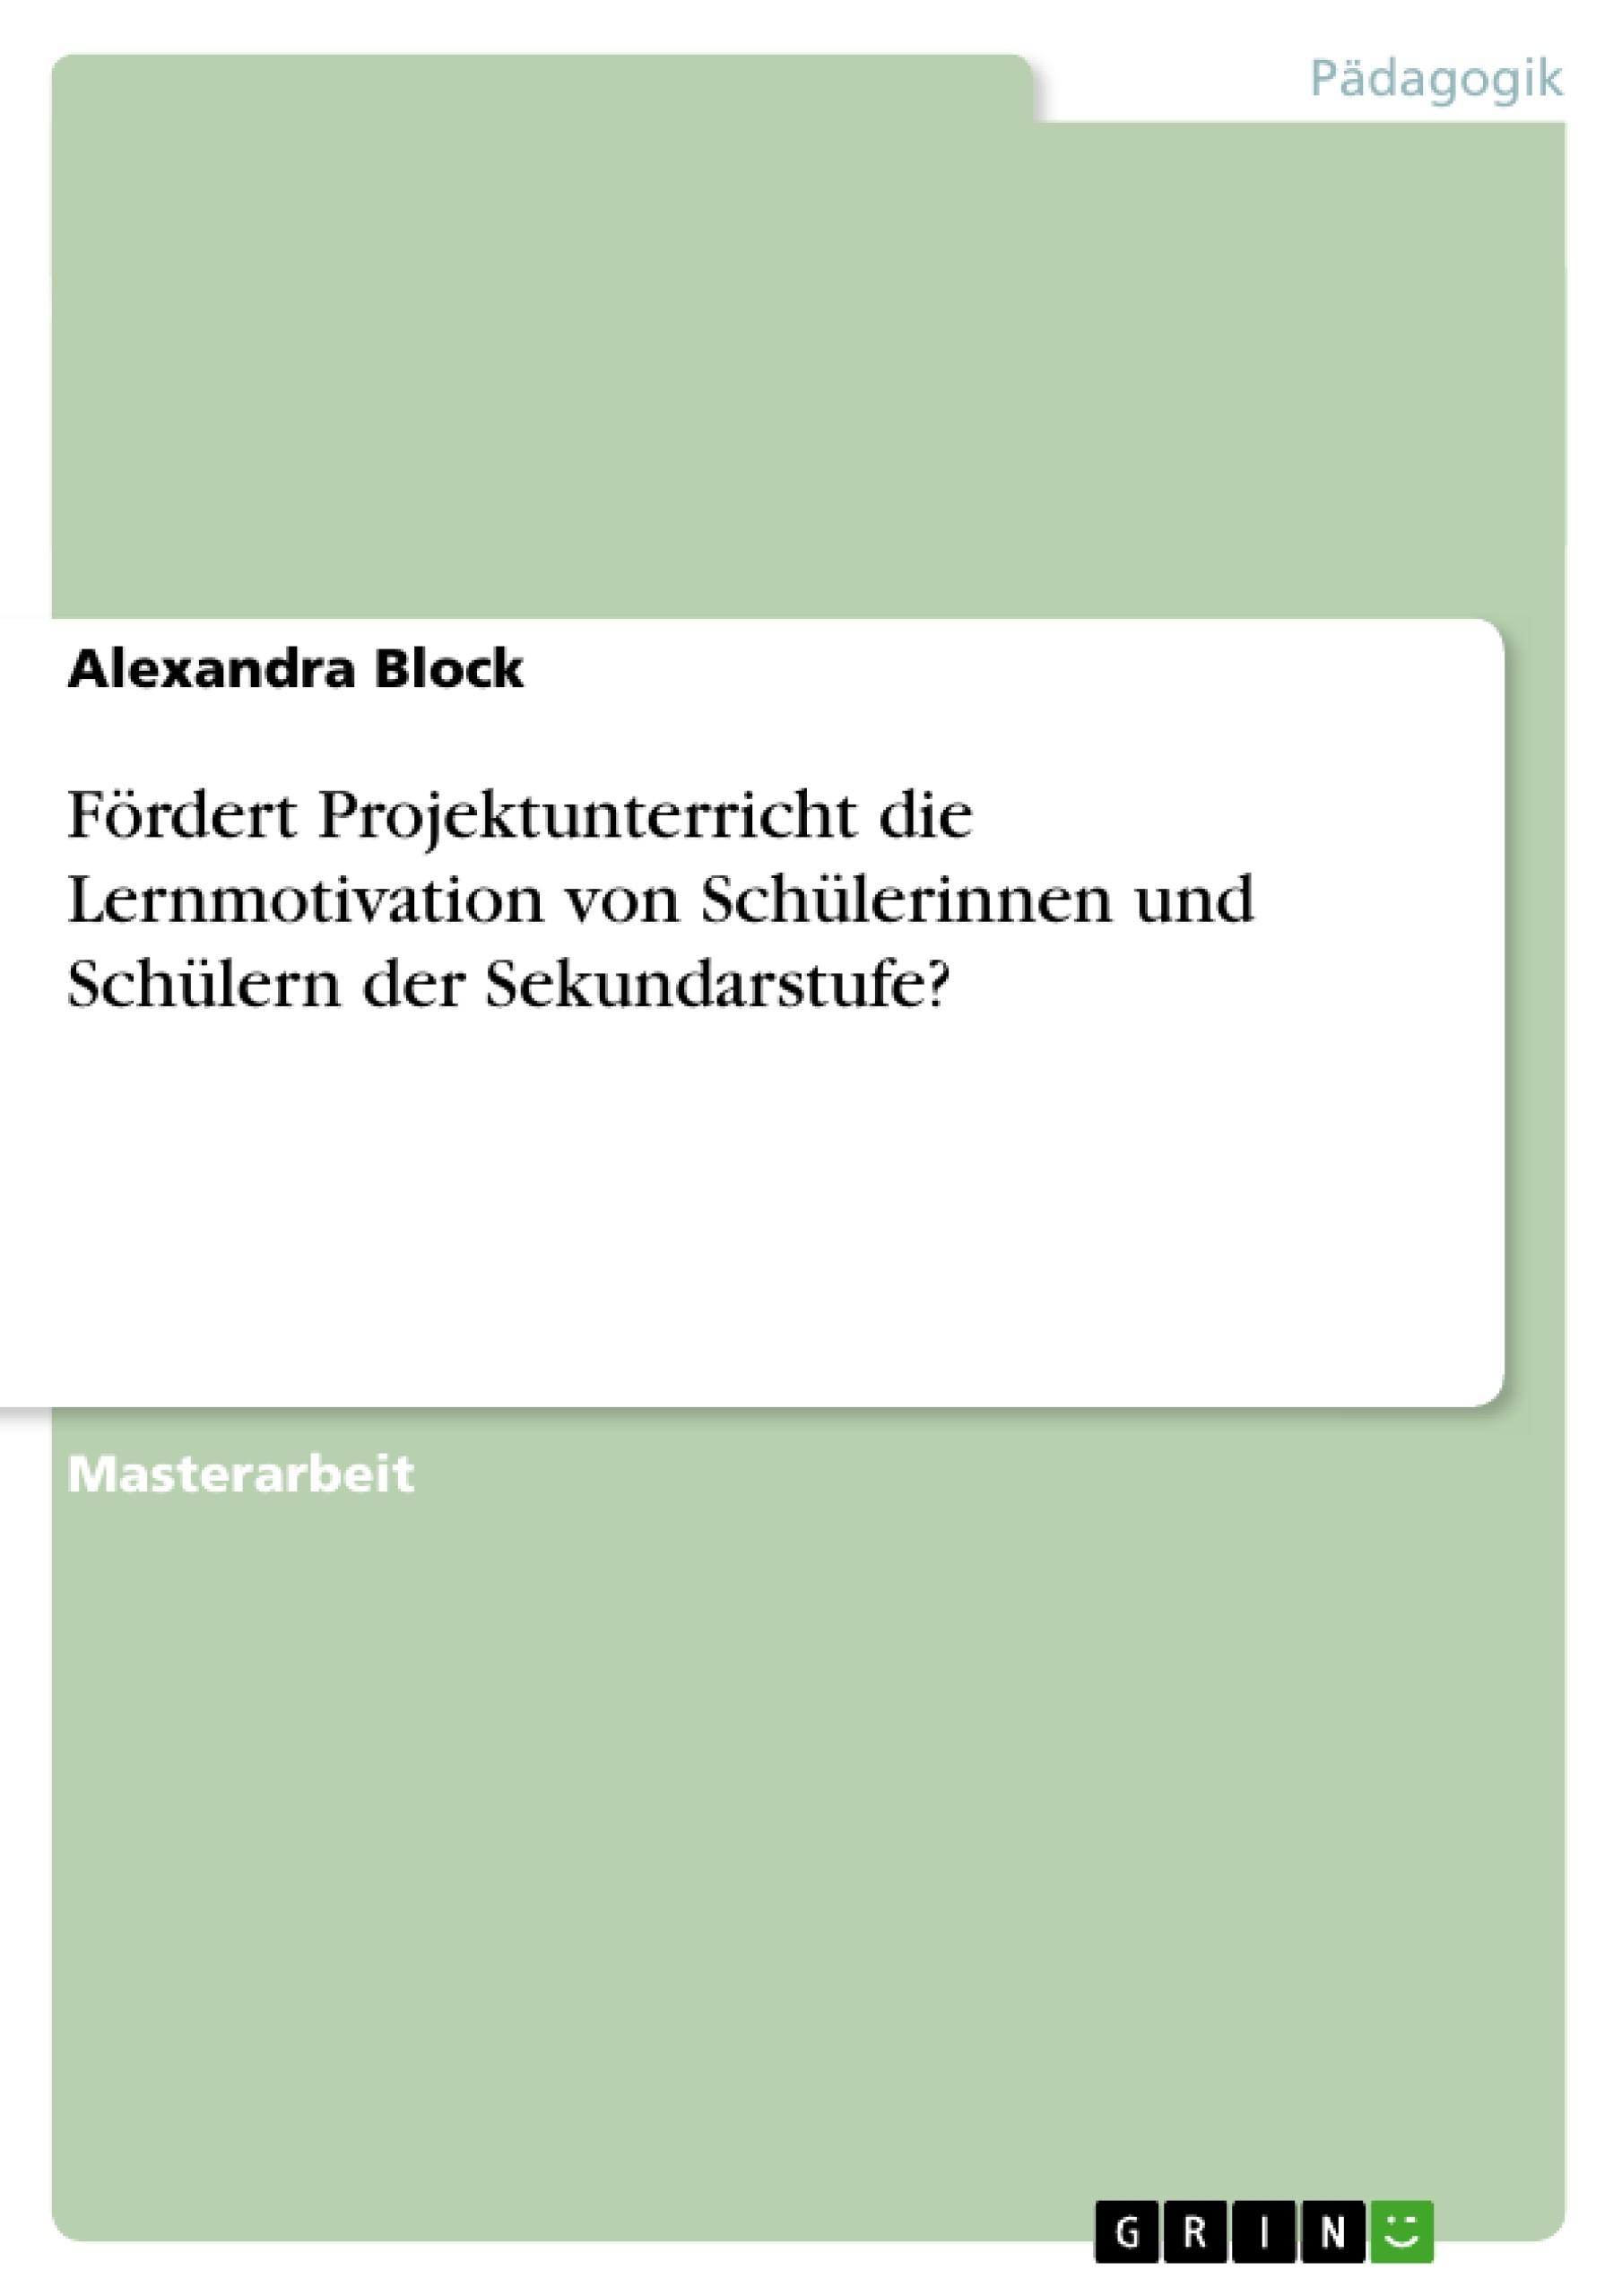 Titel: Fördert Projektunterricht die Lernmotivation von Schülerinnen und Schülern der Sekundarstufe?